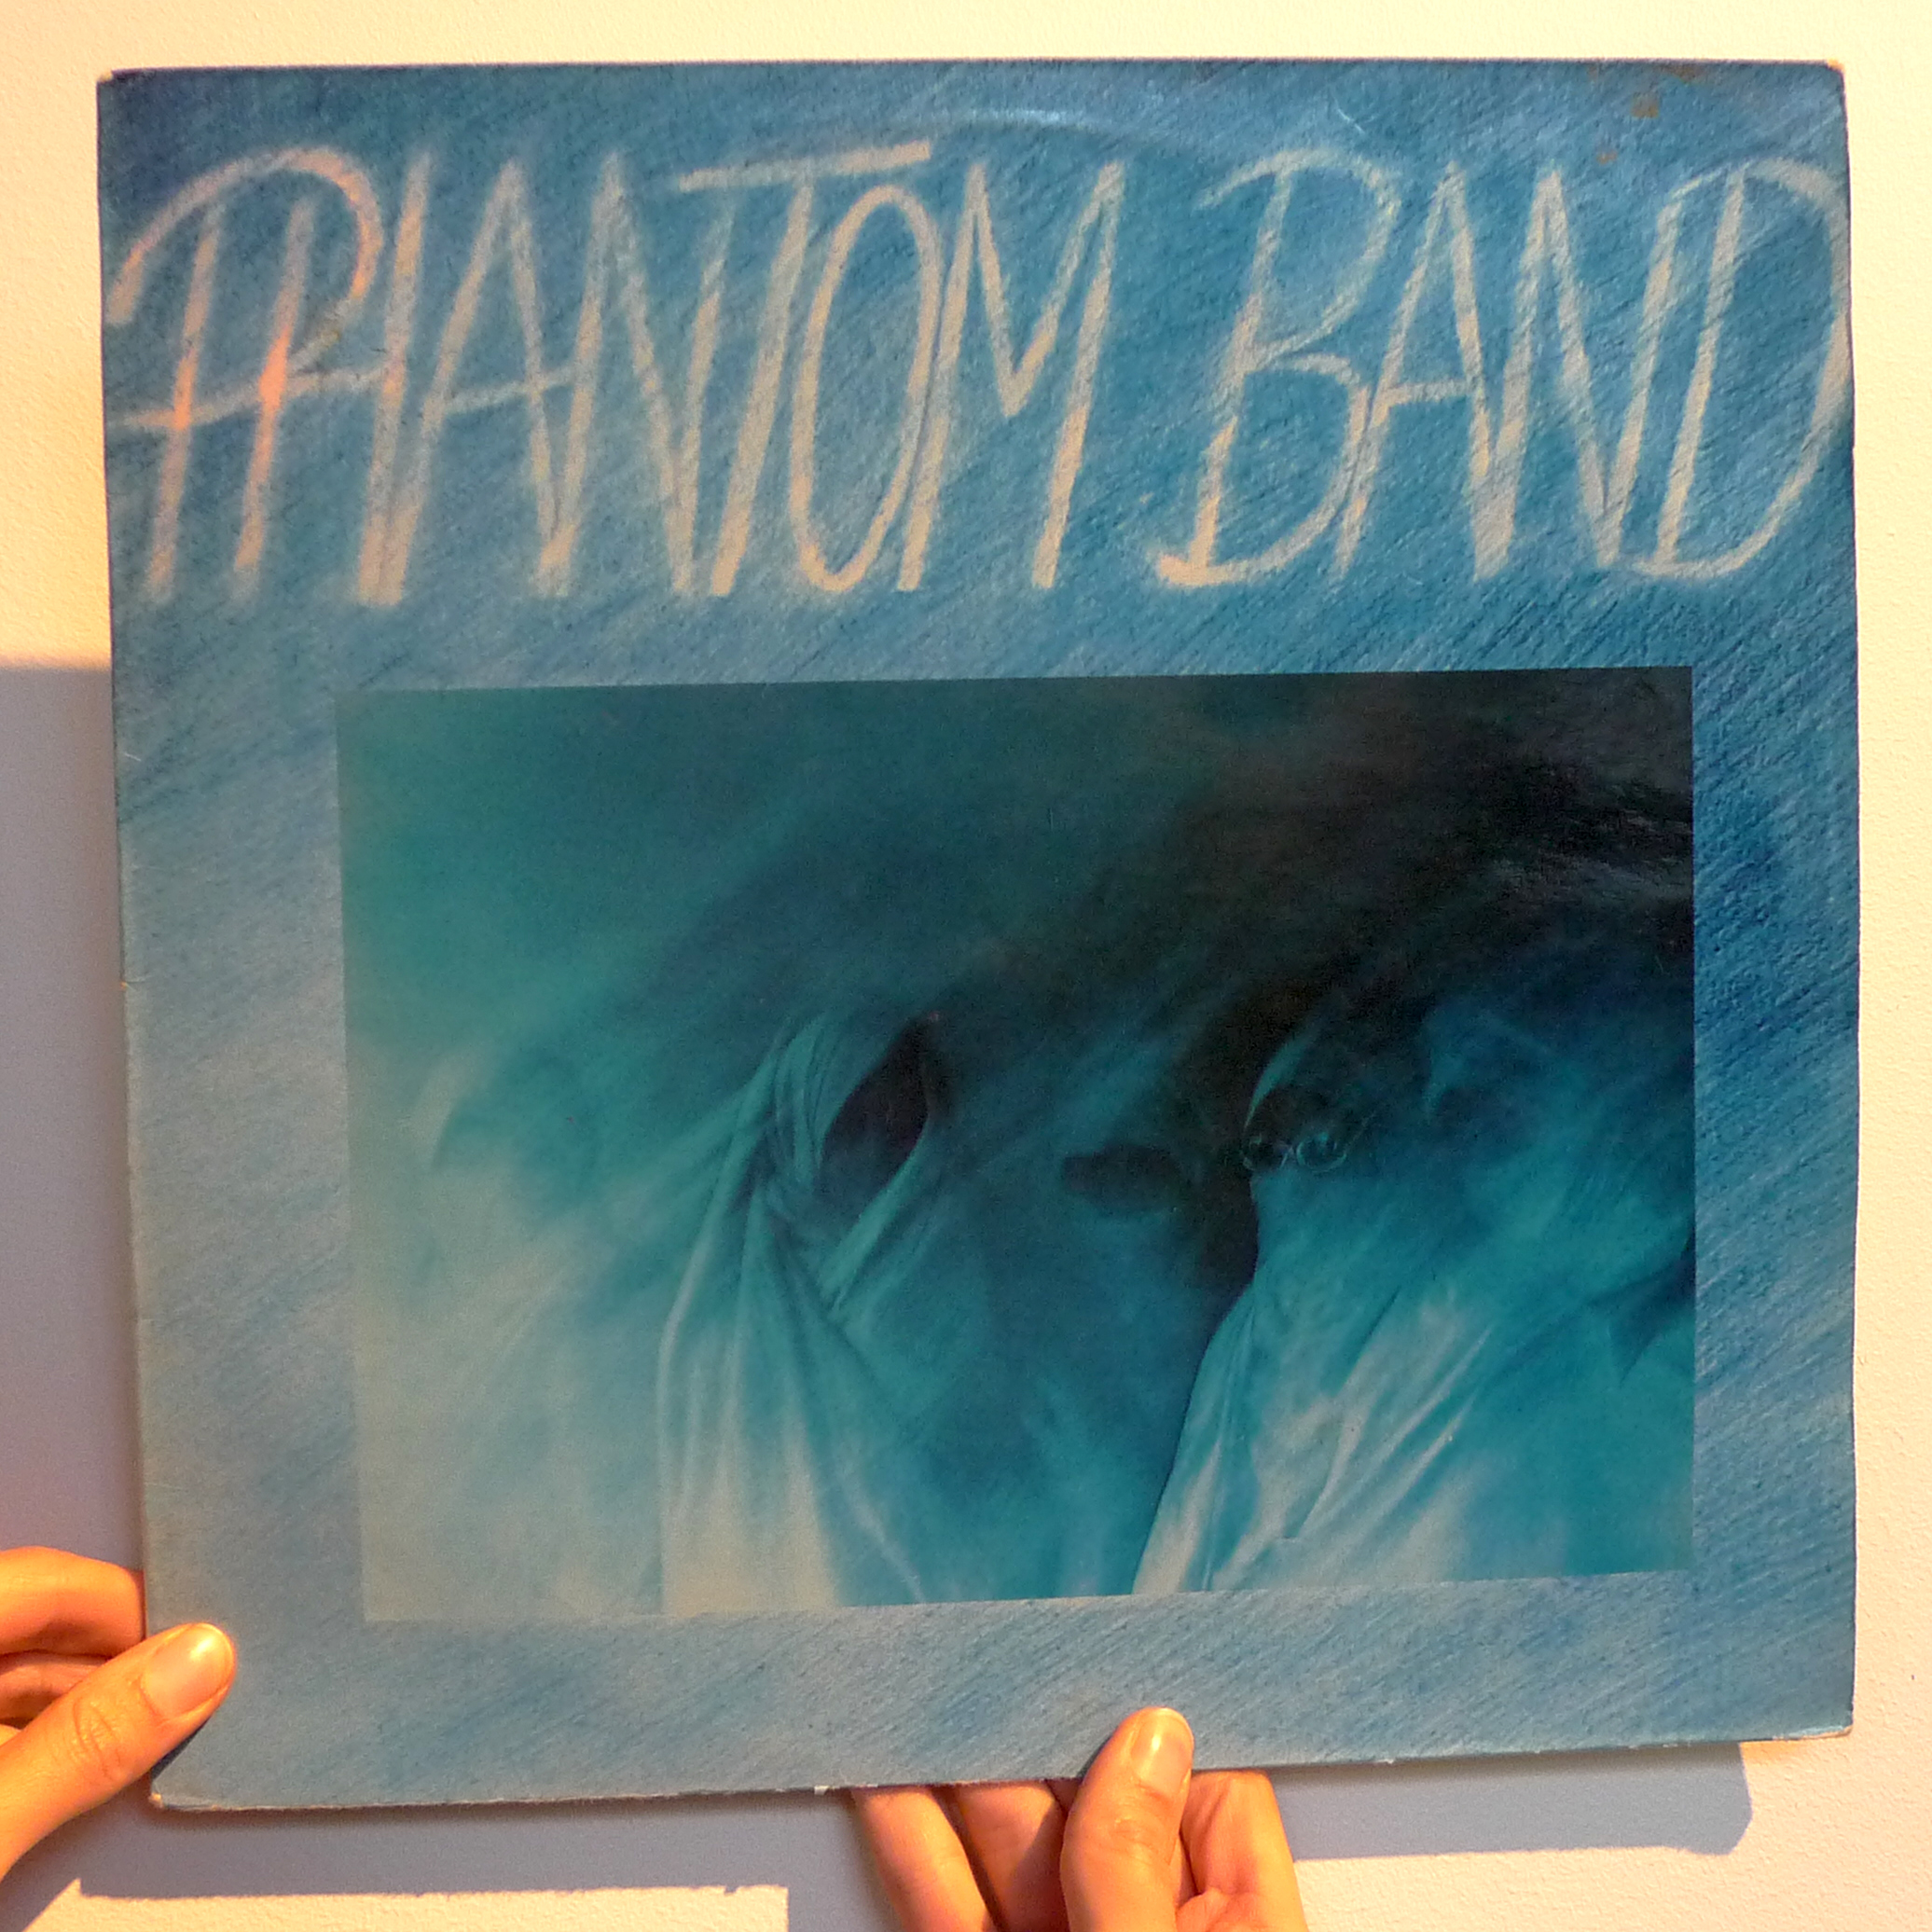 dj50s ep027 sleeve phantomband